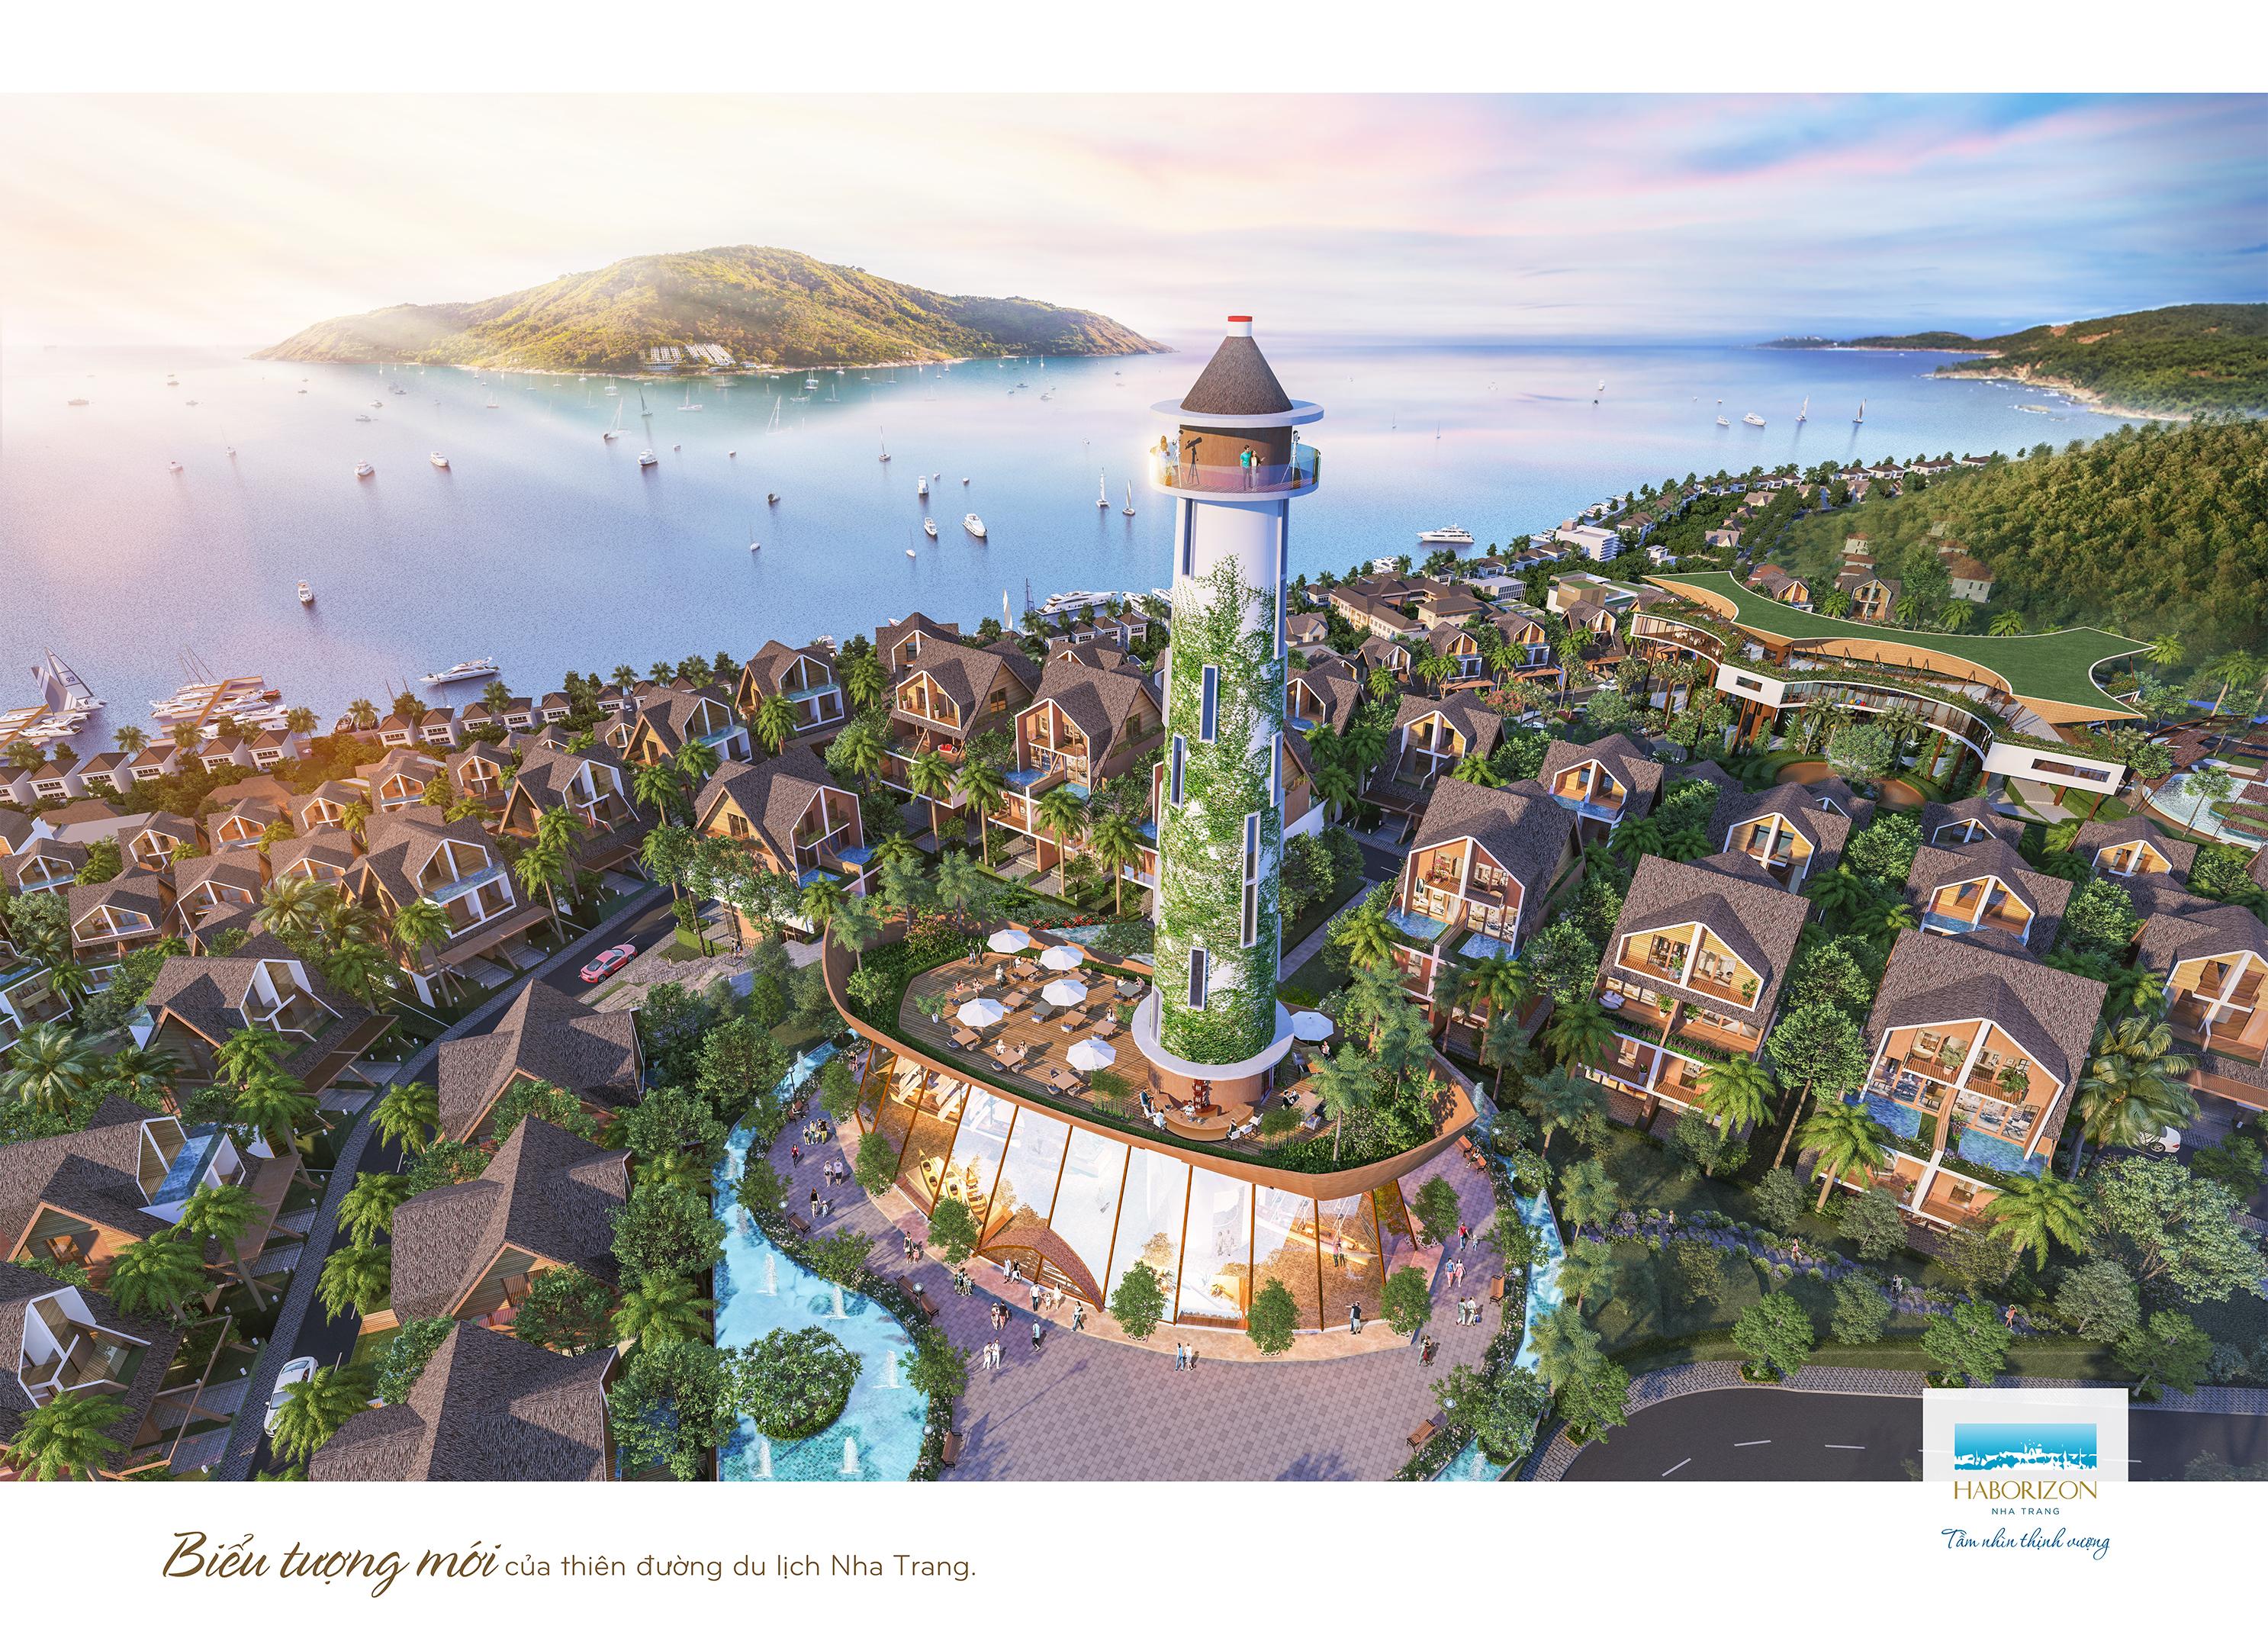 Dự án Haborizon Nha Trang